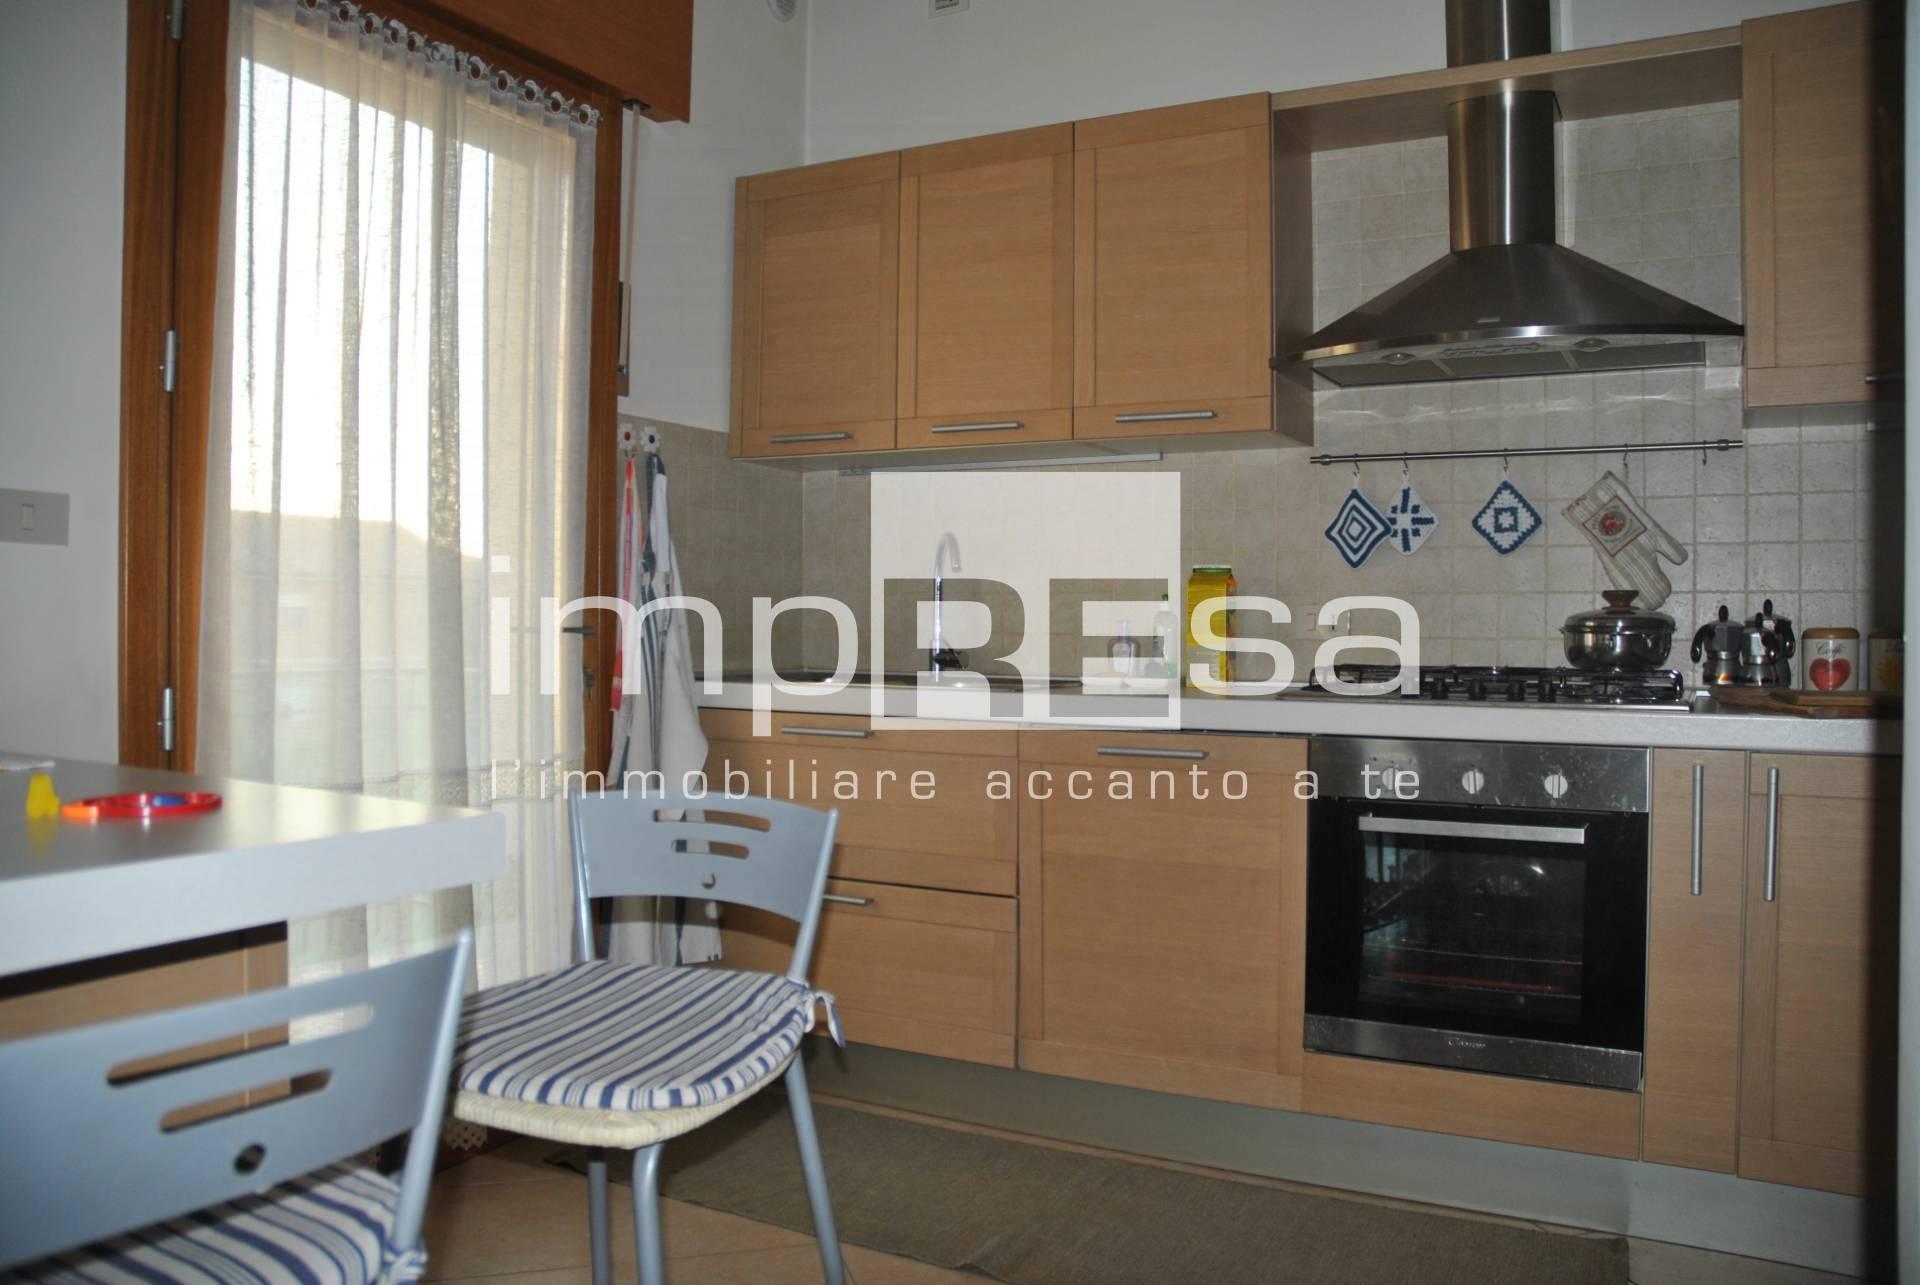 Appartamento in vendita a Mogliano Veneto, 5 locali, prezzo € 159.000 | PortaleAgenzieImmobiliari.it